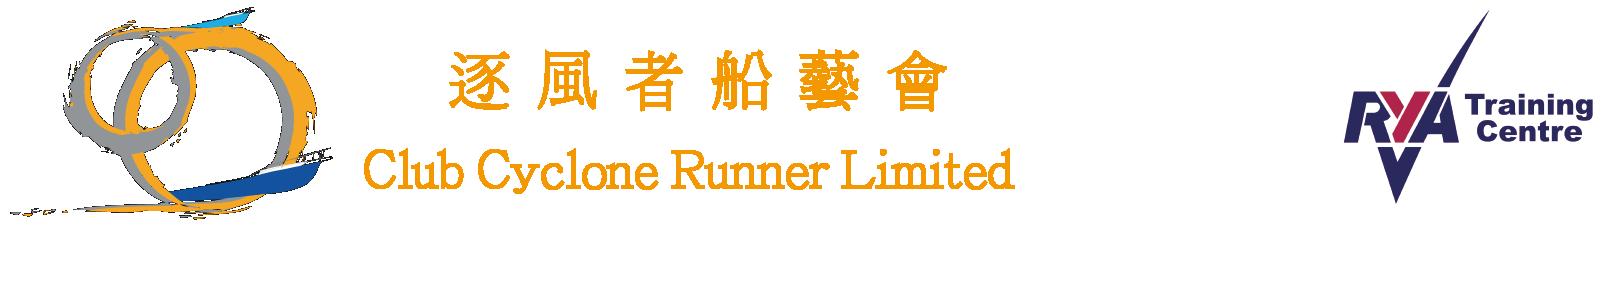 逐風者船藝會 Club Cyclone Runner Ltd